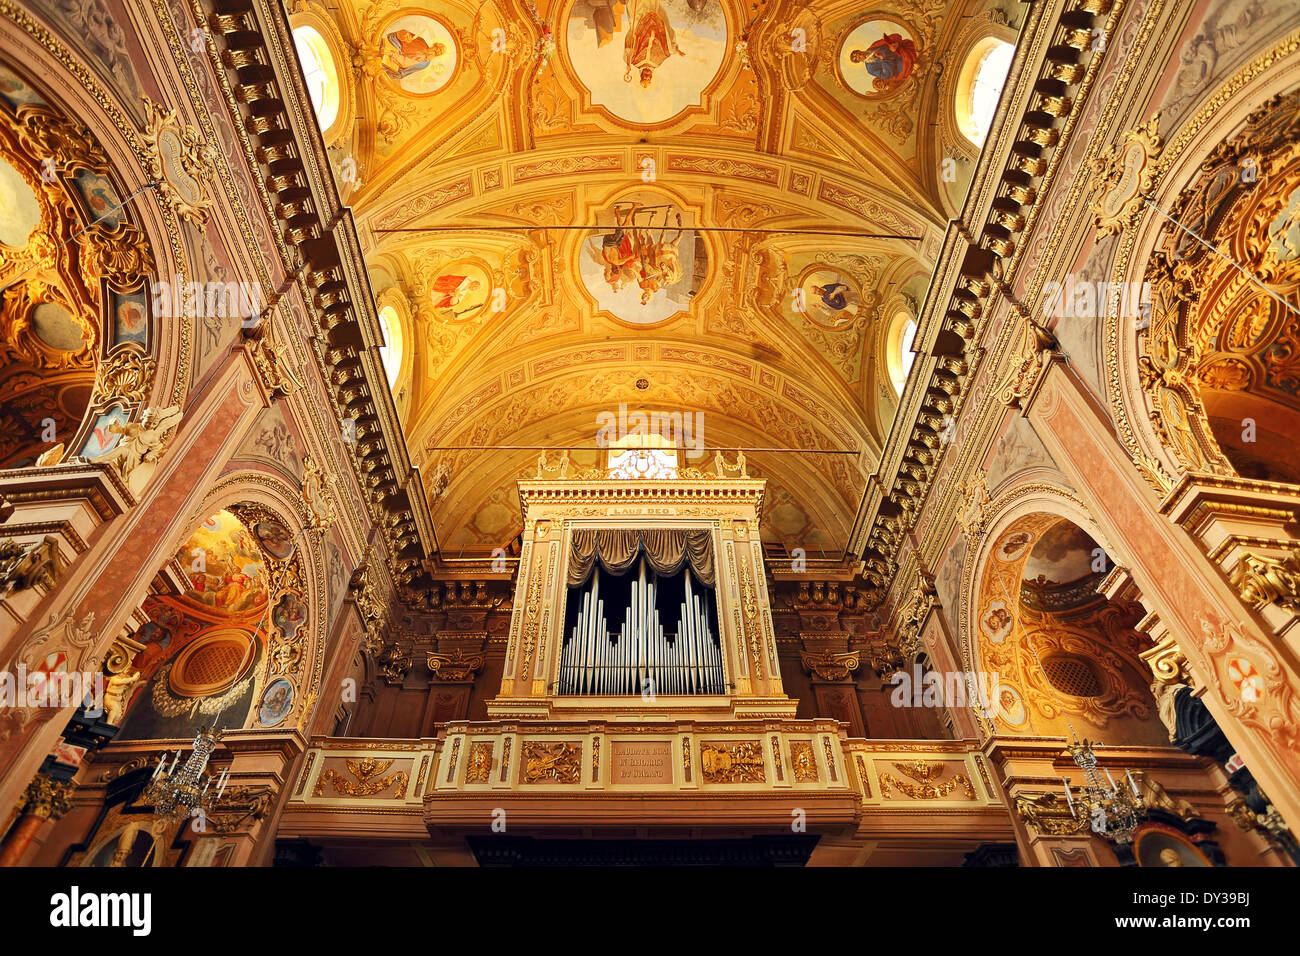 Órgano y fragmento de techo ornamentado como parte del interior de la iglesia católica en Italia. Imagen De Stock